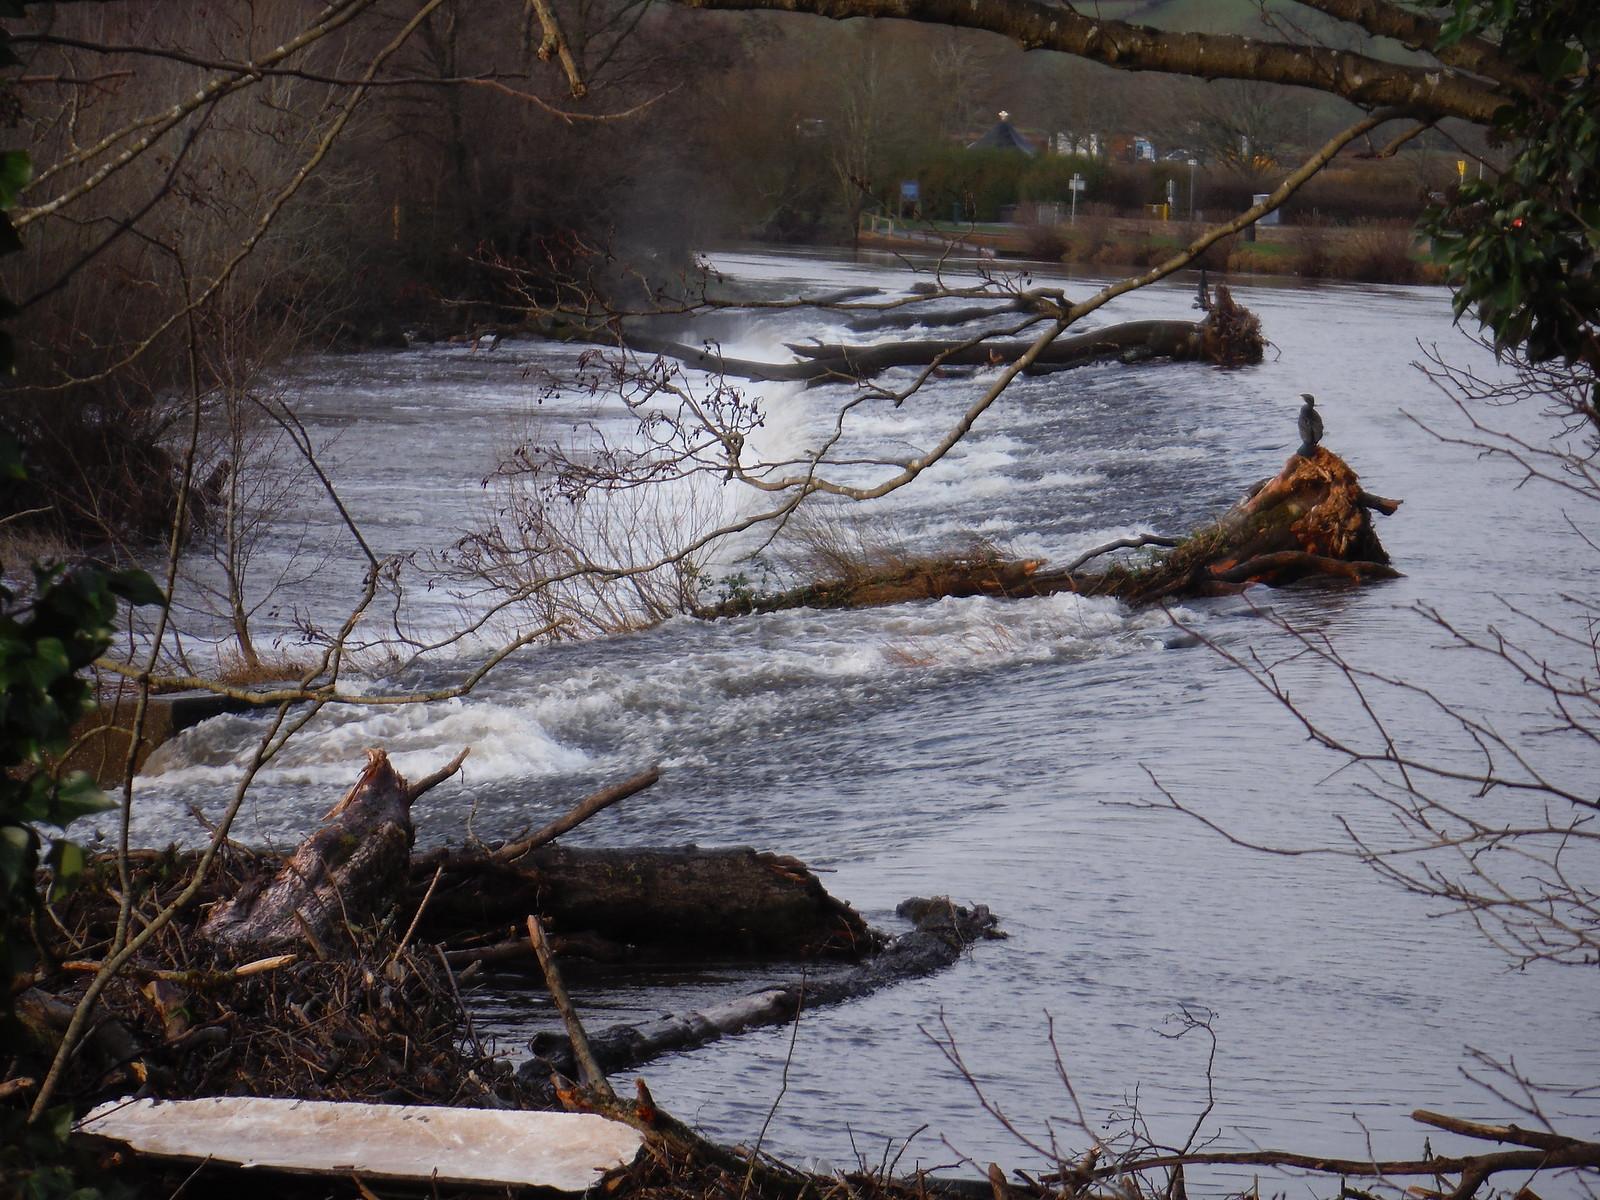 Kormorant on Weir in River Usk SWC Walk 306 - Brecon Circular (via Y Gaer, Battle and Pen-y-crug)